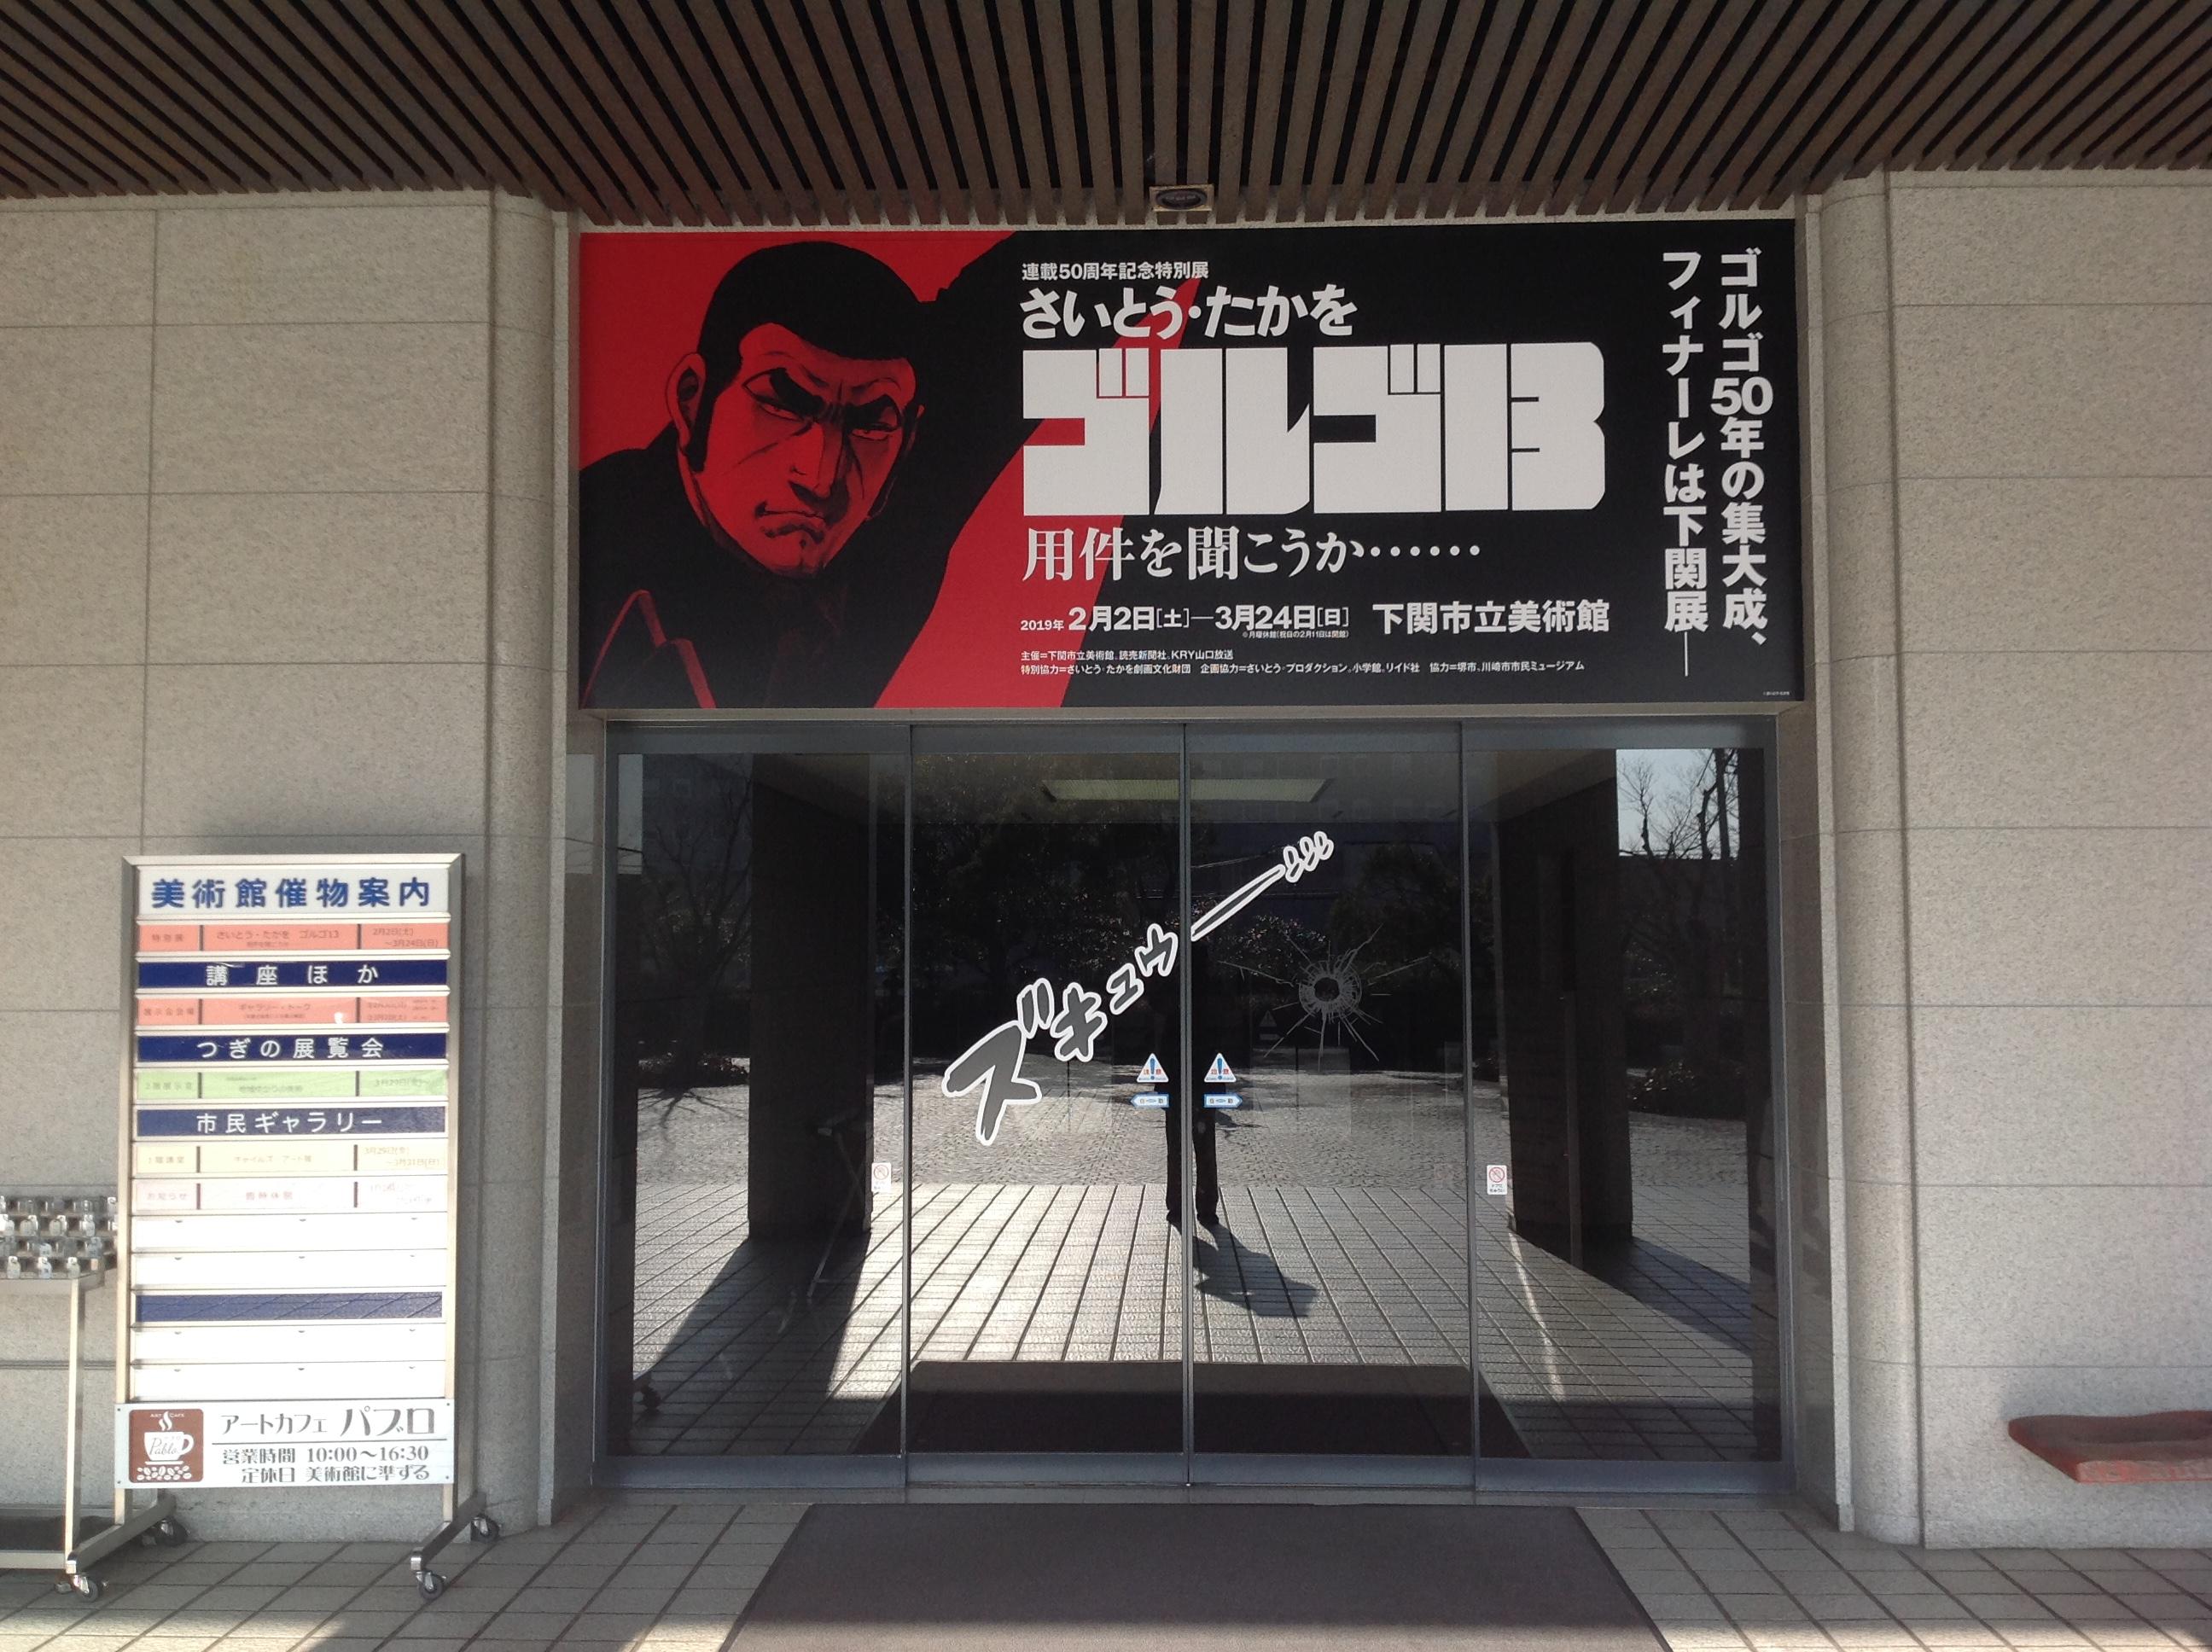 ゴルゴ13 50周年展示会に行ってきました。